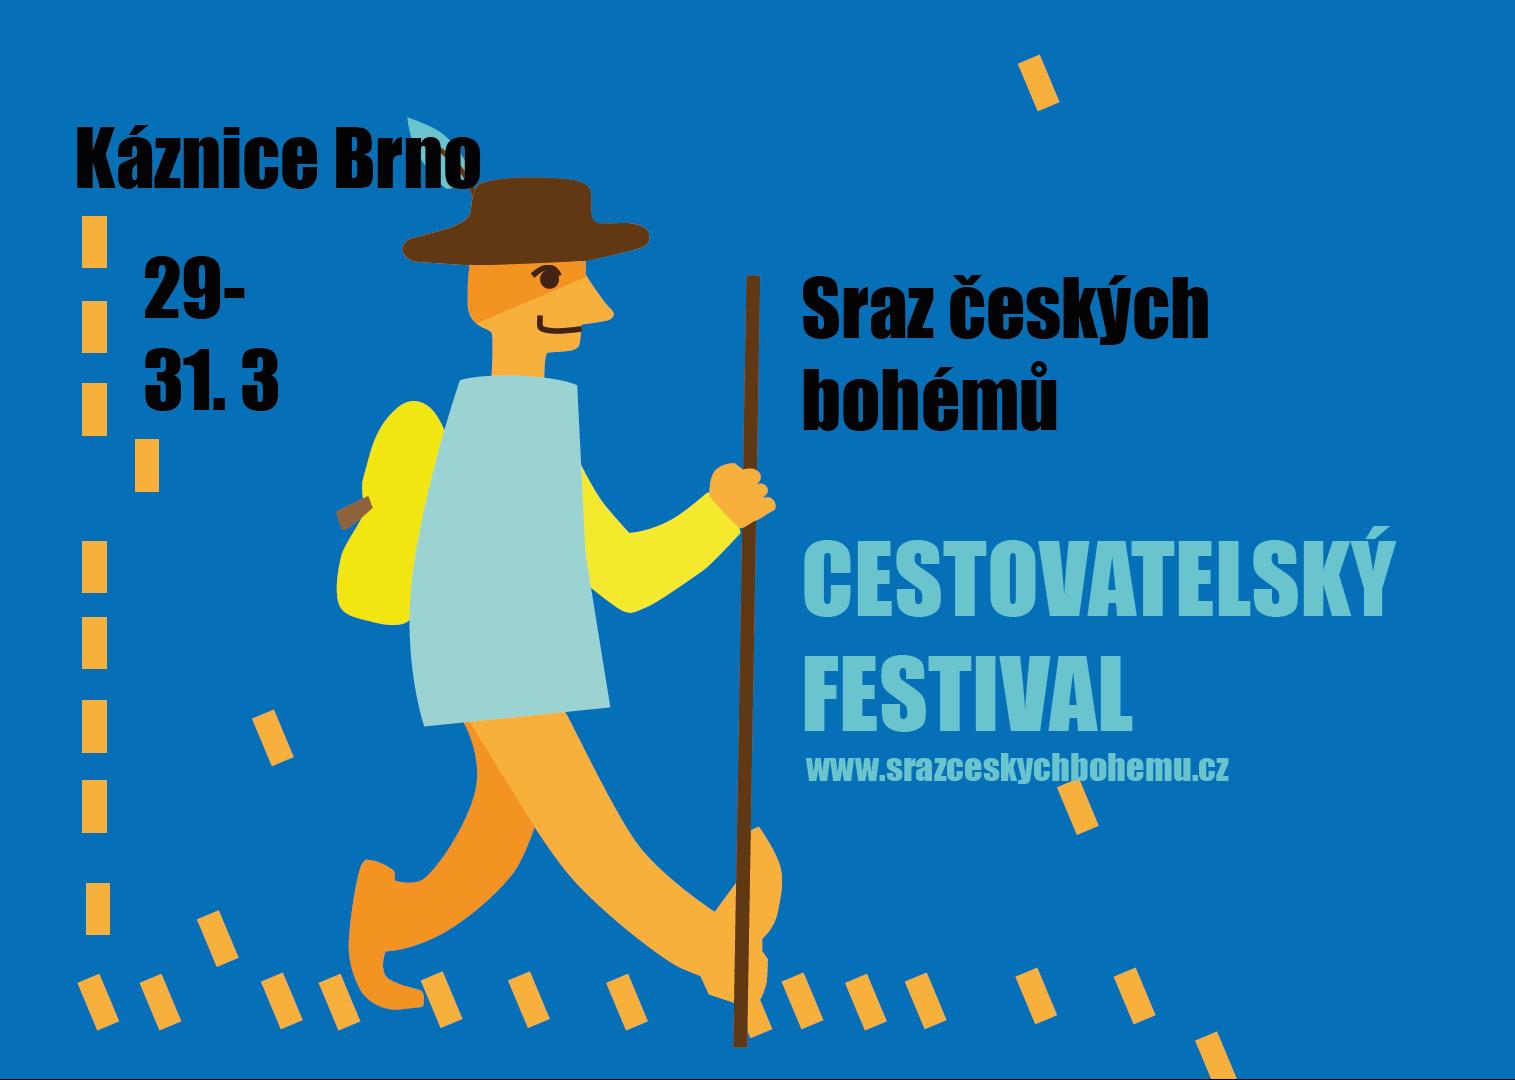 Sraz českých bohémů – cestovatelský festival v Brně